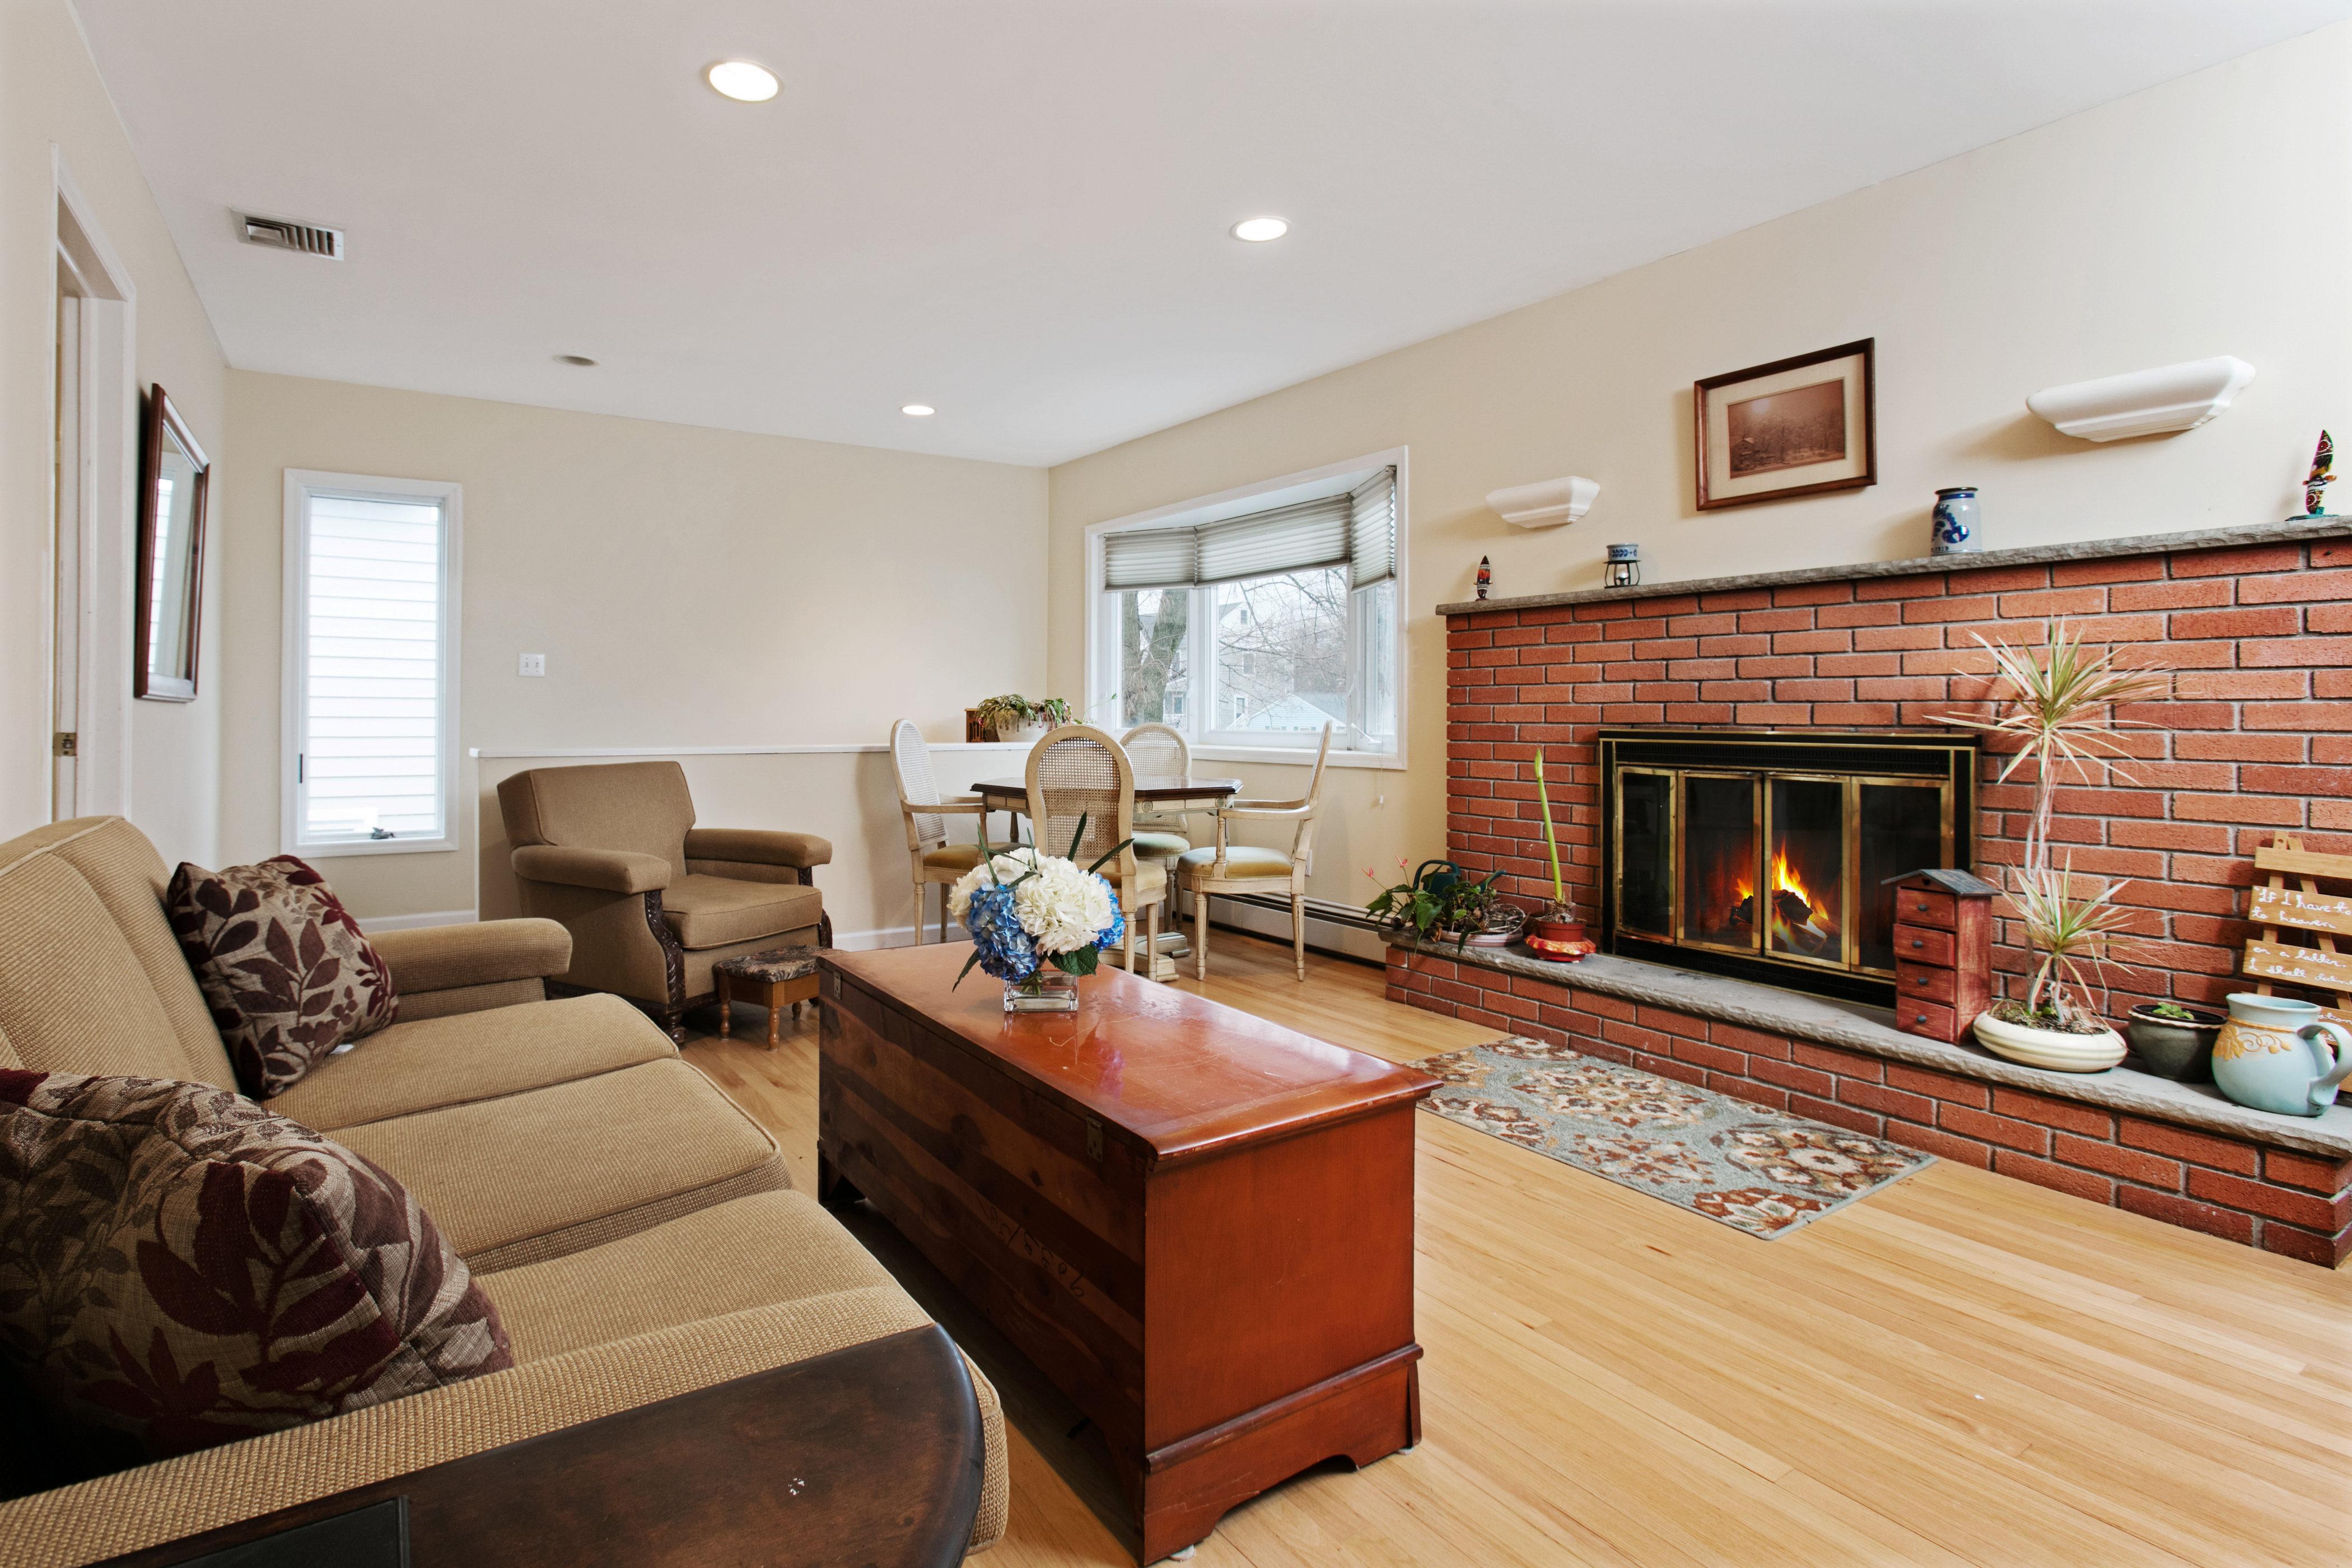 Частный односемейный дом для того Продажа на Unique Home Close to Schools! 302 Brielle Avenue Brielle, Нью-Джерси, 08730 Соединенные Штаты